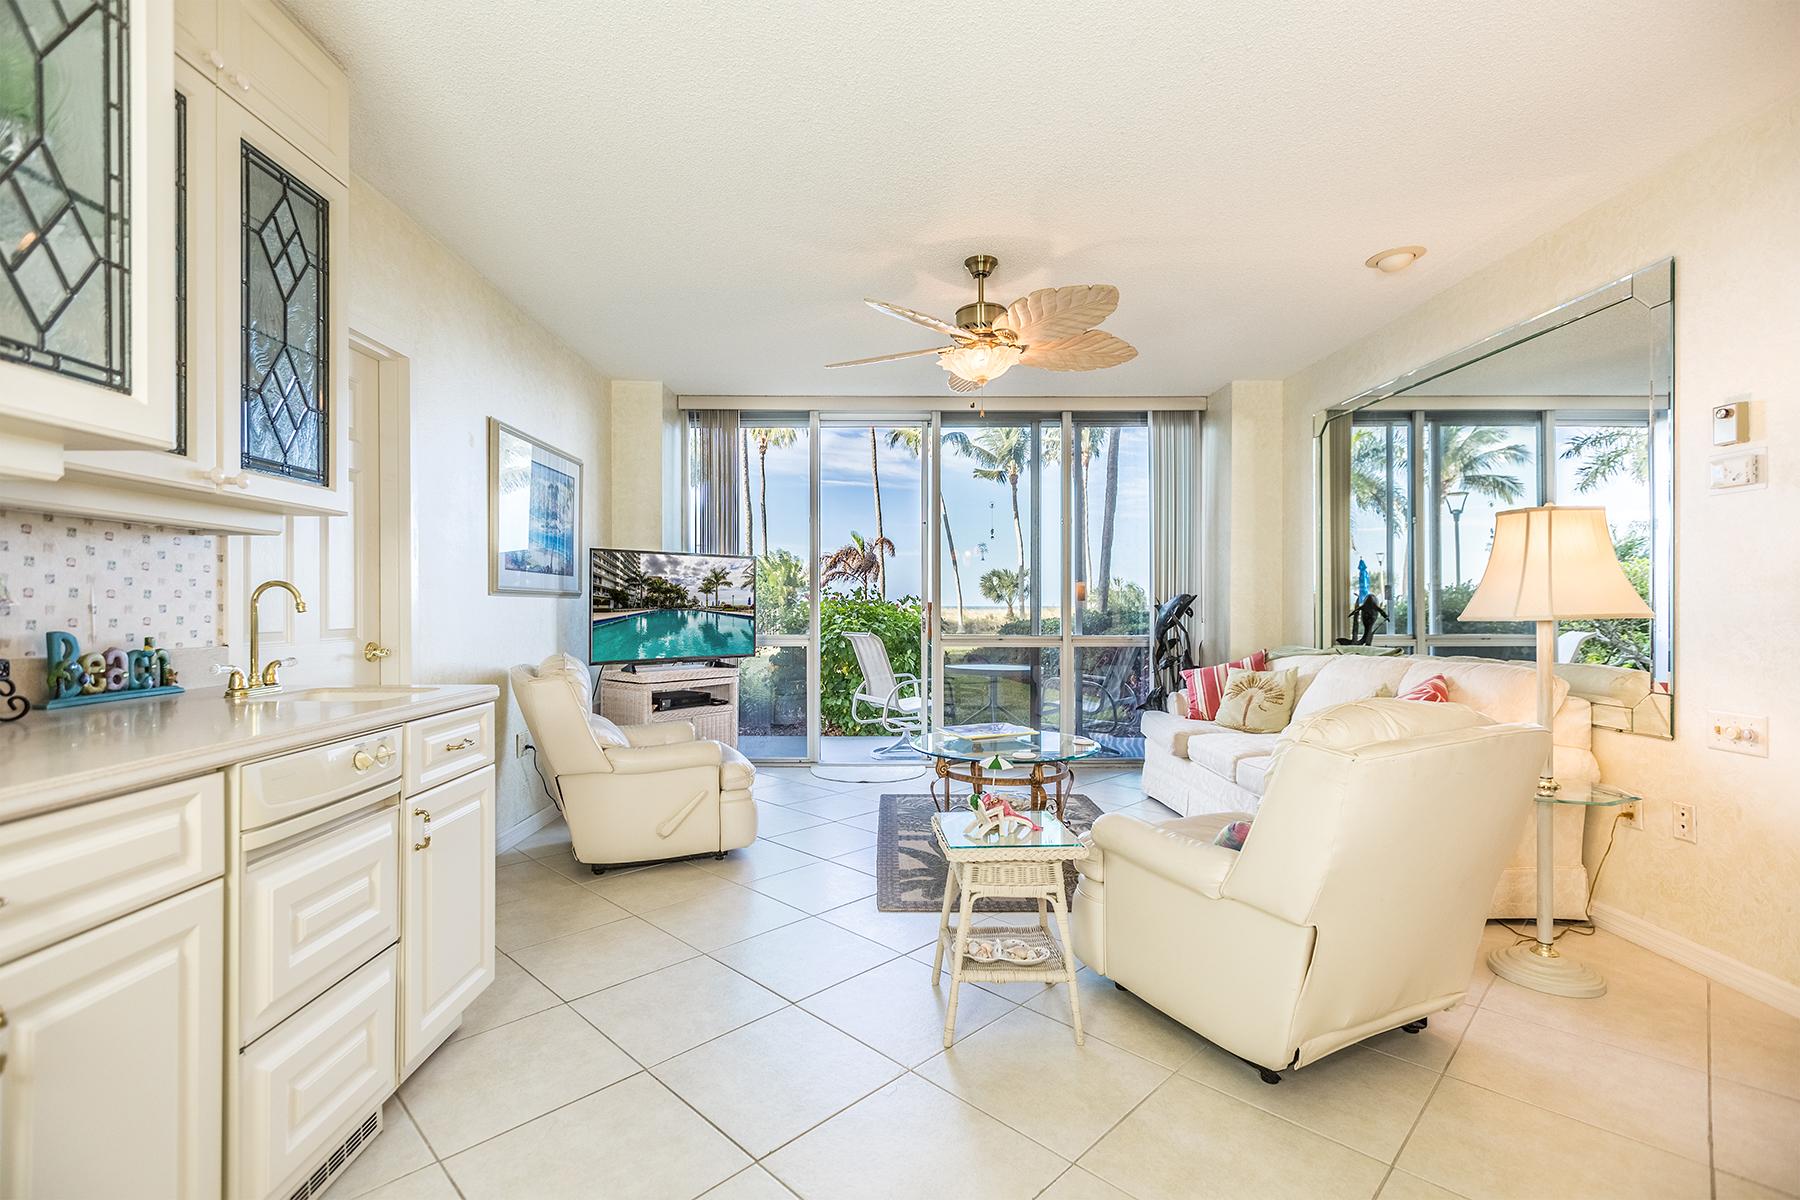 Кондоминиум для того Продажа на MARCO ISLAND - ADMIRALTY HOUSE 140 Seaview Ct N-103 Marco Island, Флорида, 34145 Соединенные Штаты